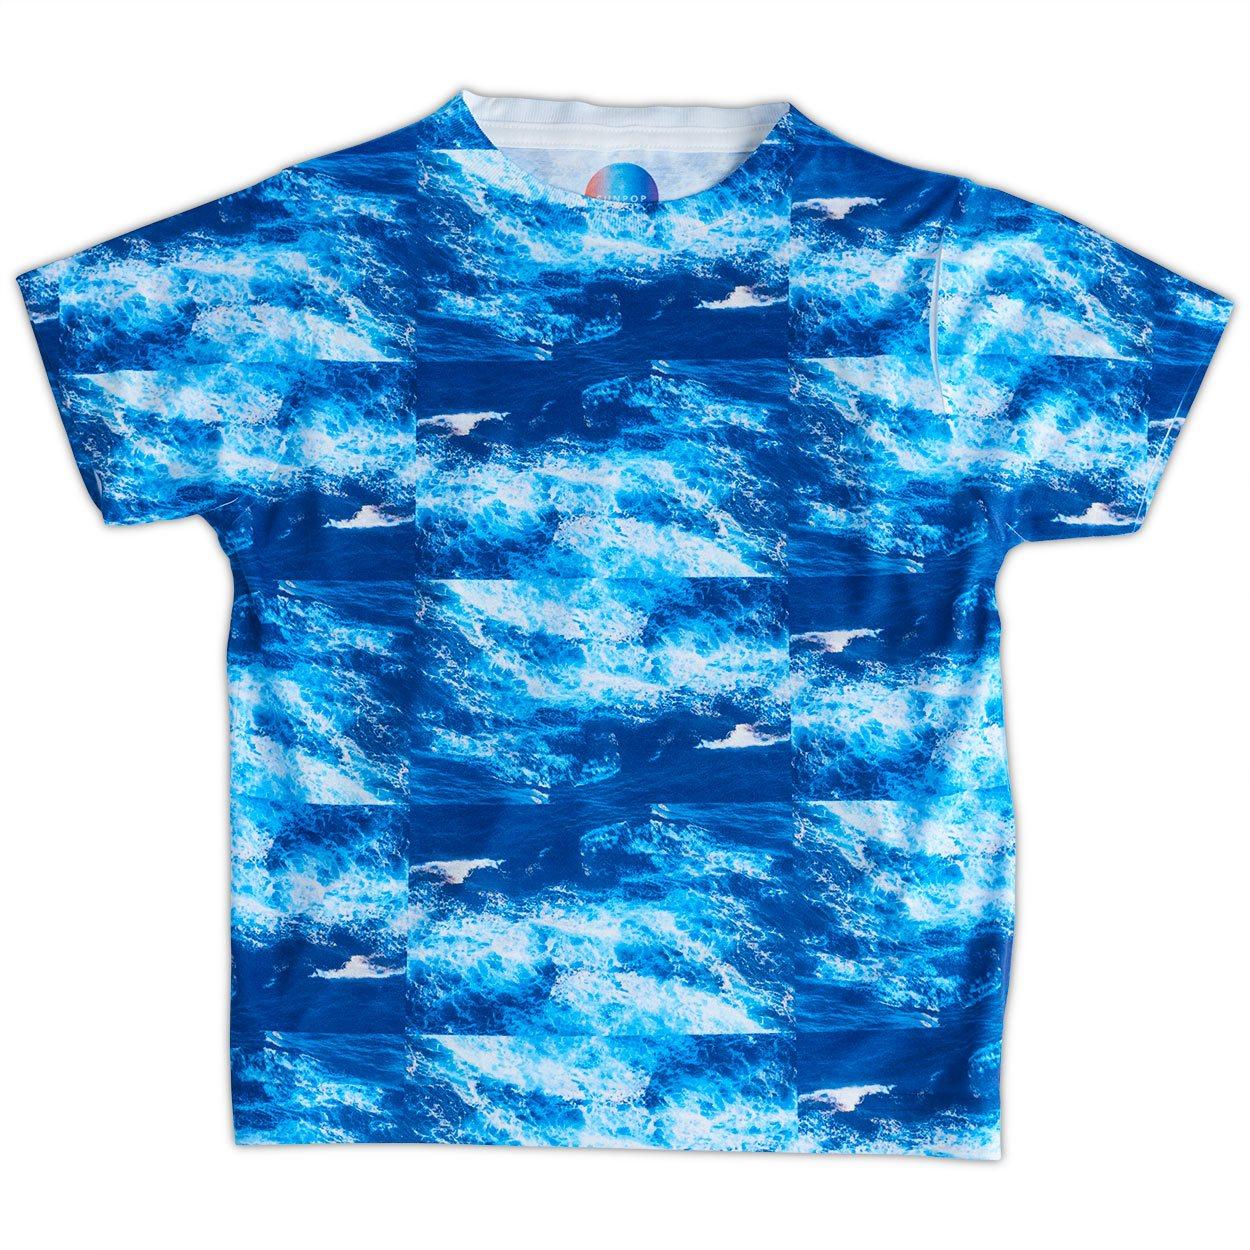 Boys Whitecaps Photo T-shirt